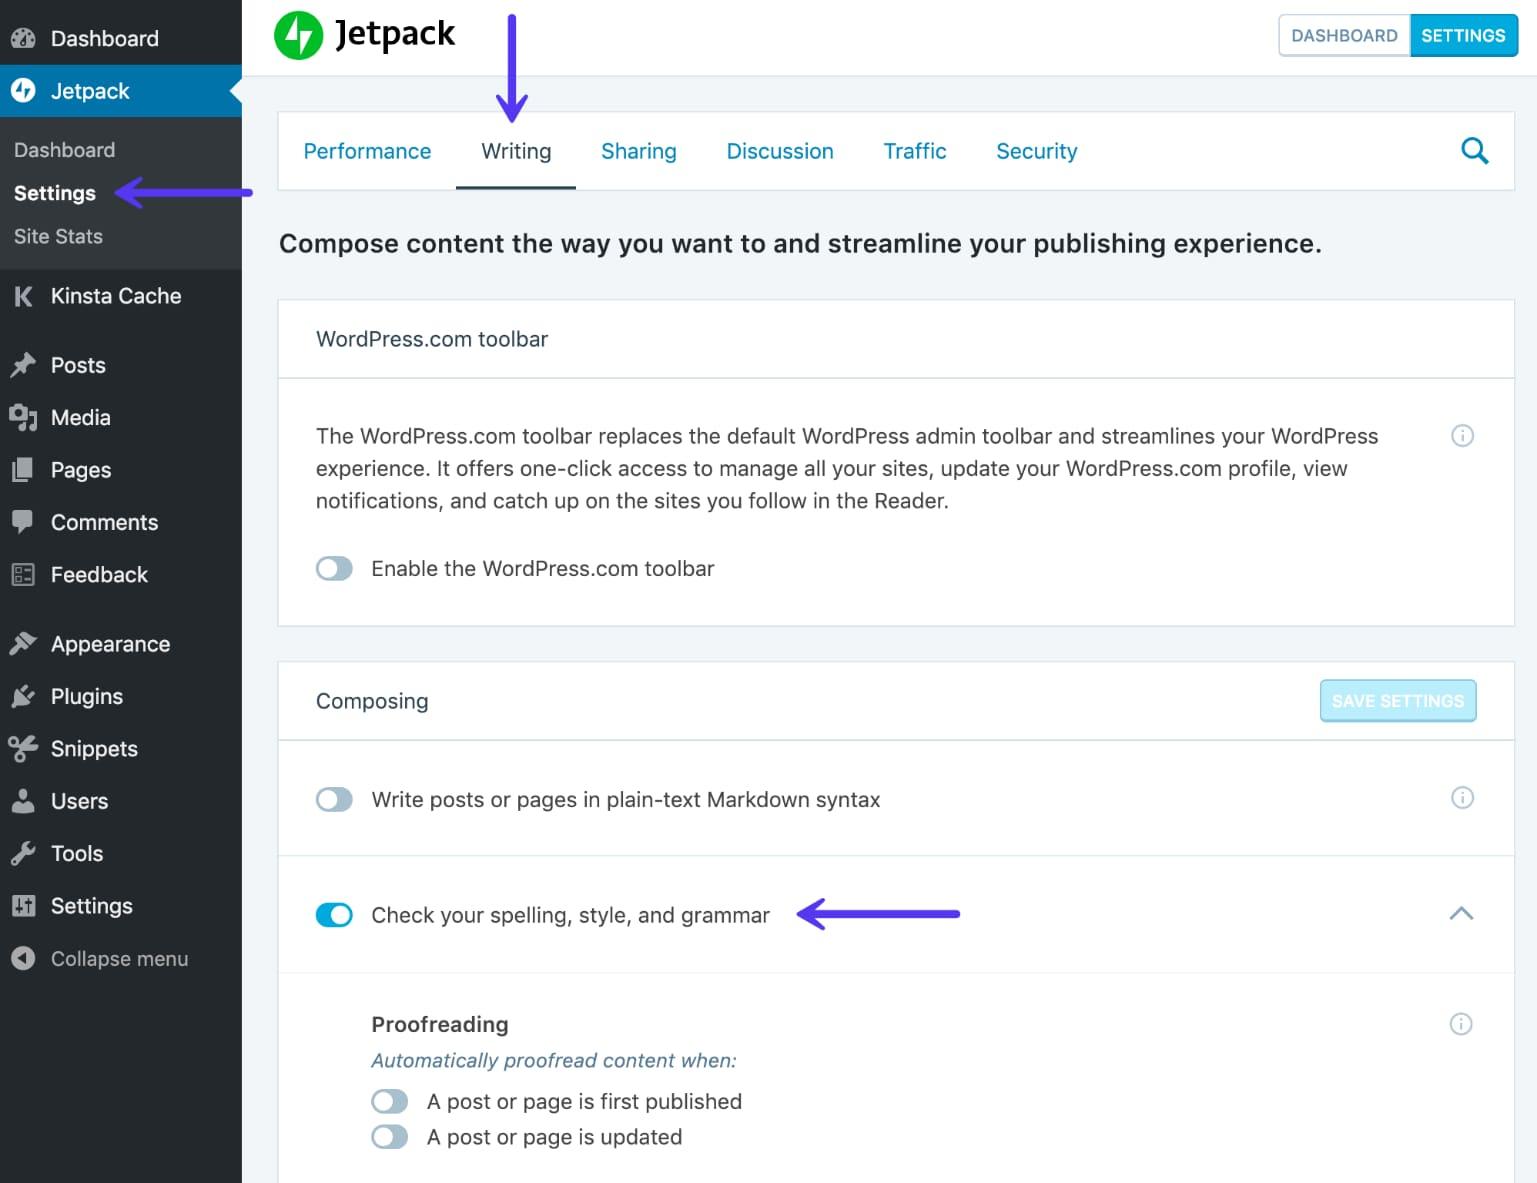 Abilitare il controllo grammaticale e ortografico in Jetpack